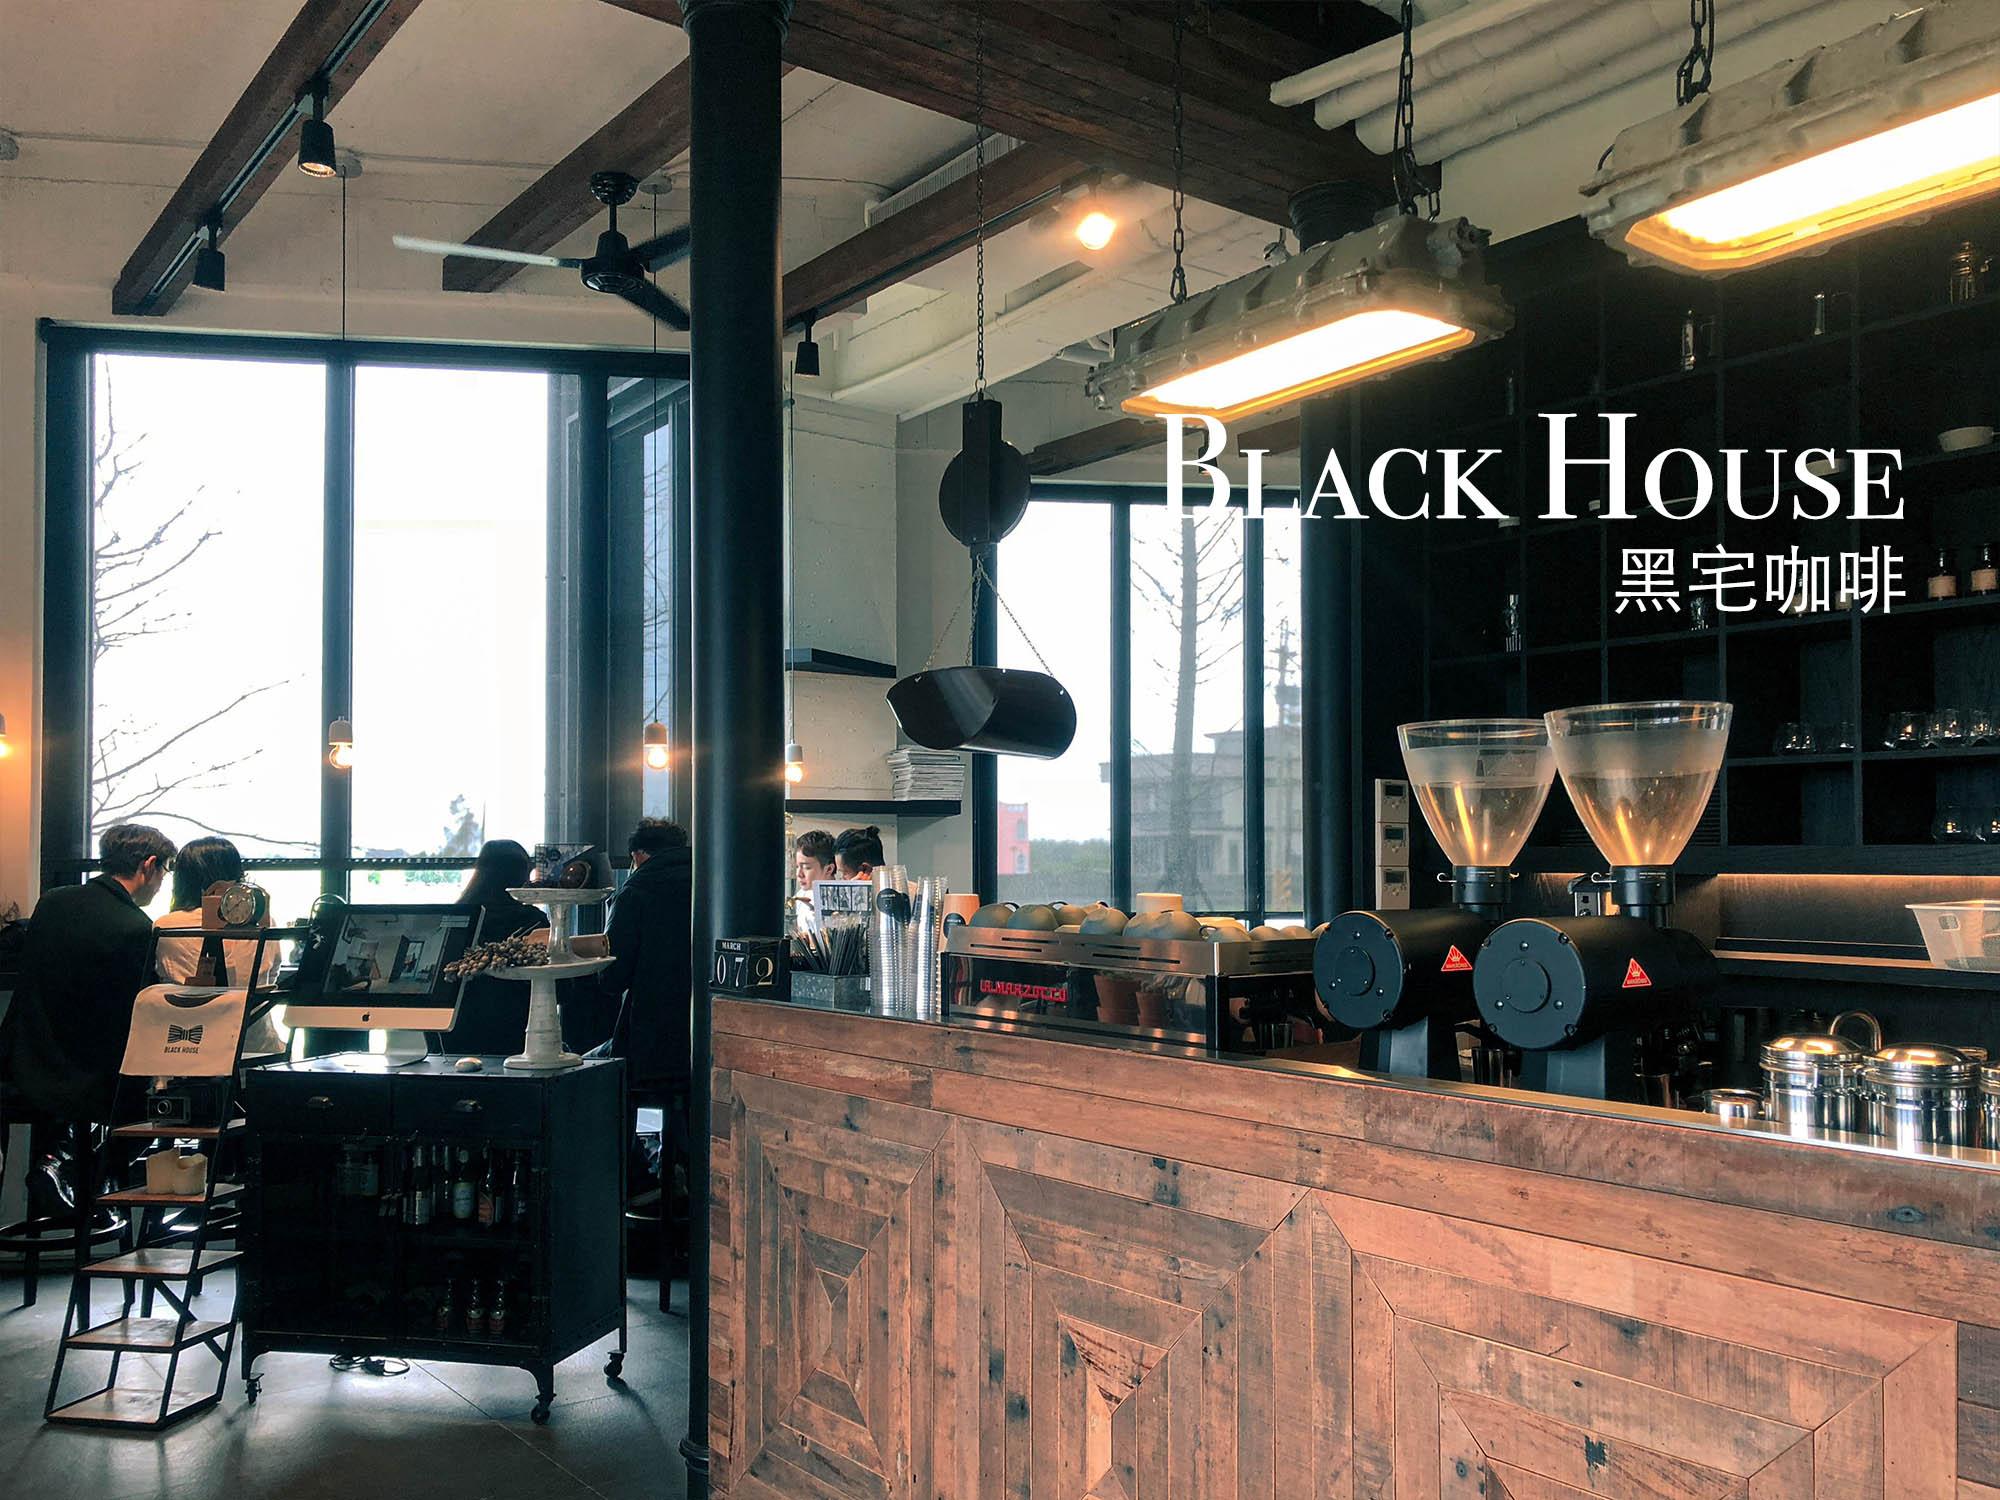 宜蘭頭城景點|黑宅咖啡_位於田間的英式咖啡店/純手工點點,超放鬆悠閒的療癒景點